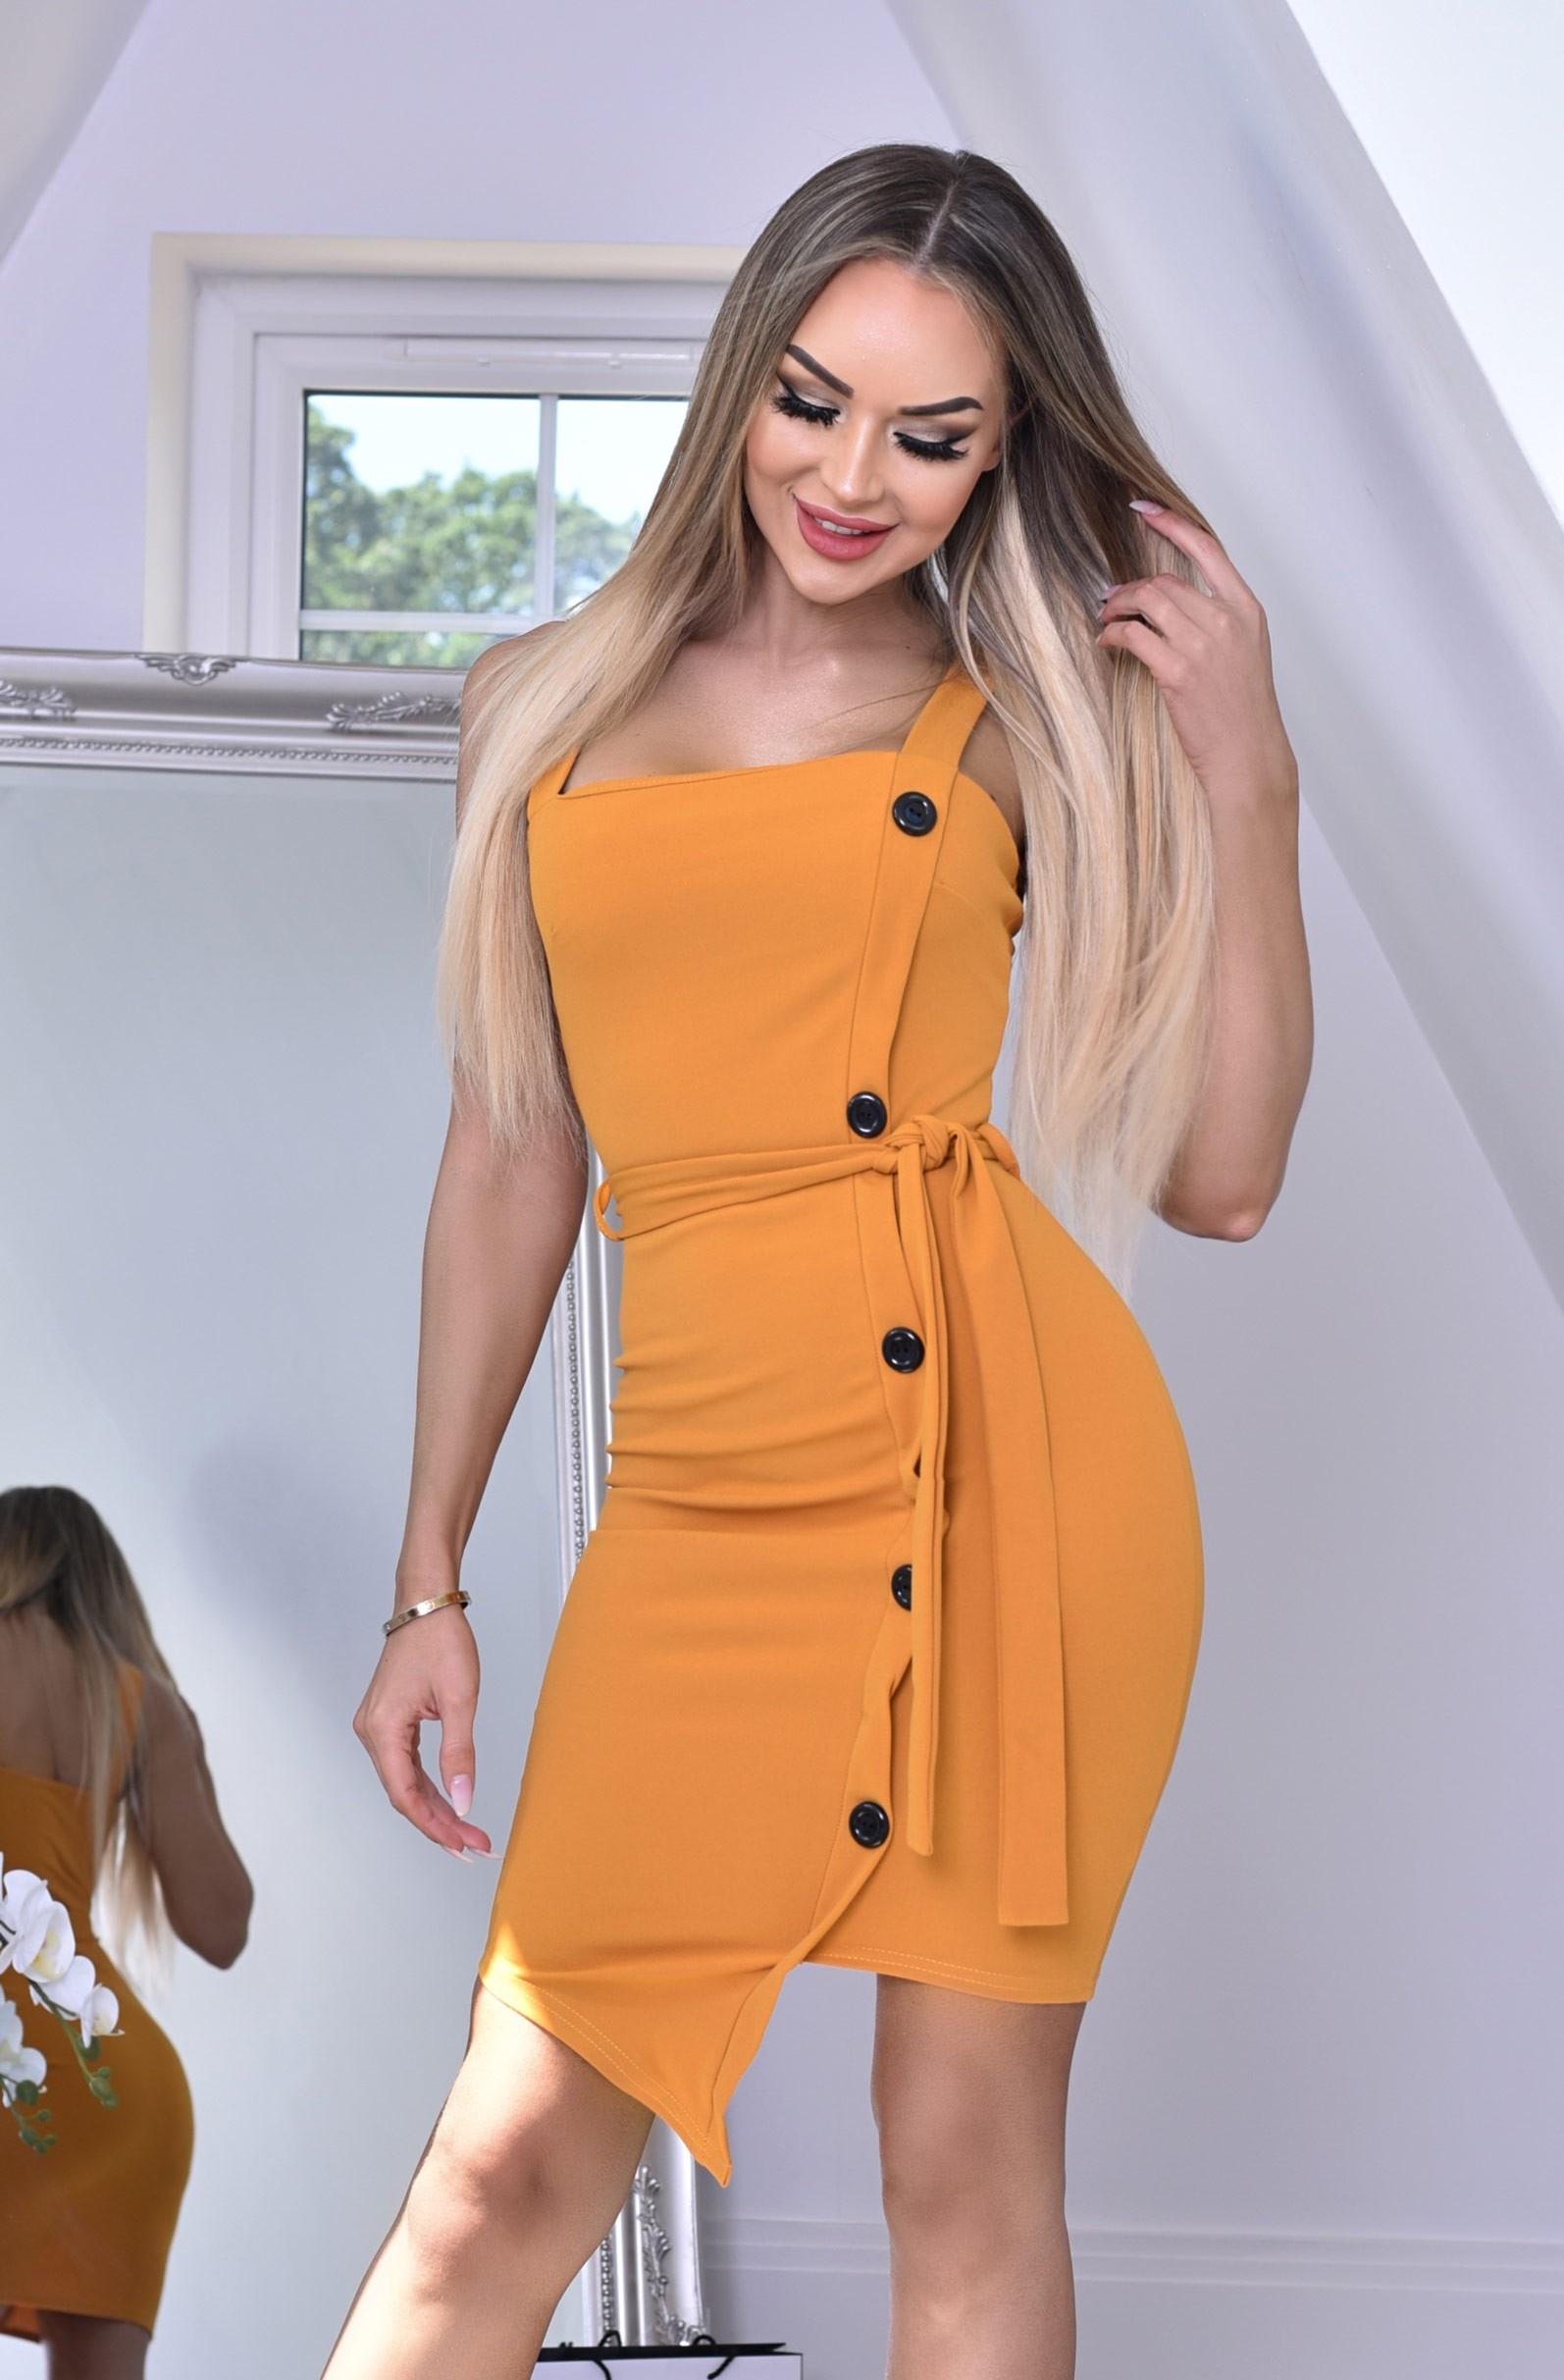 Sophia jurk met knoppen detail en riem mosterdgeel